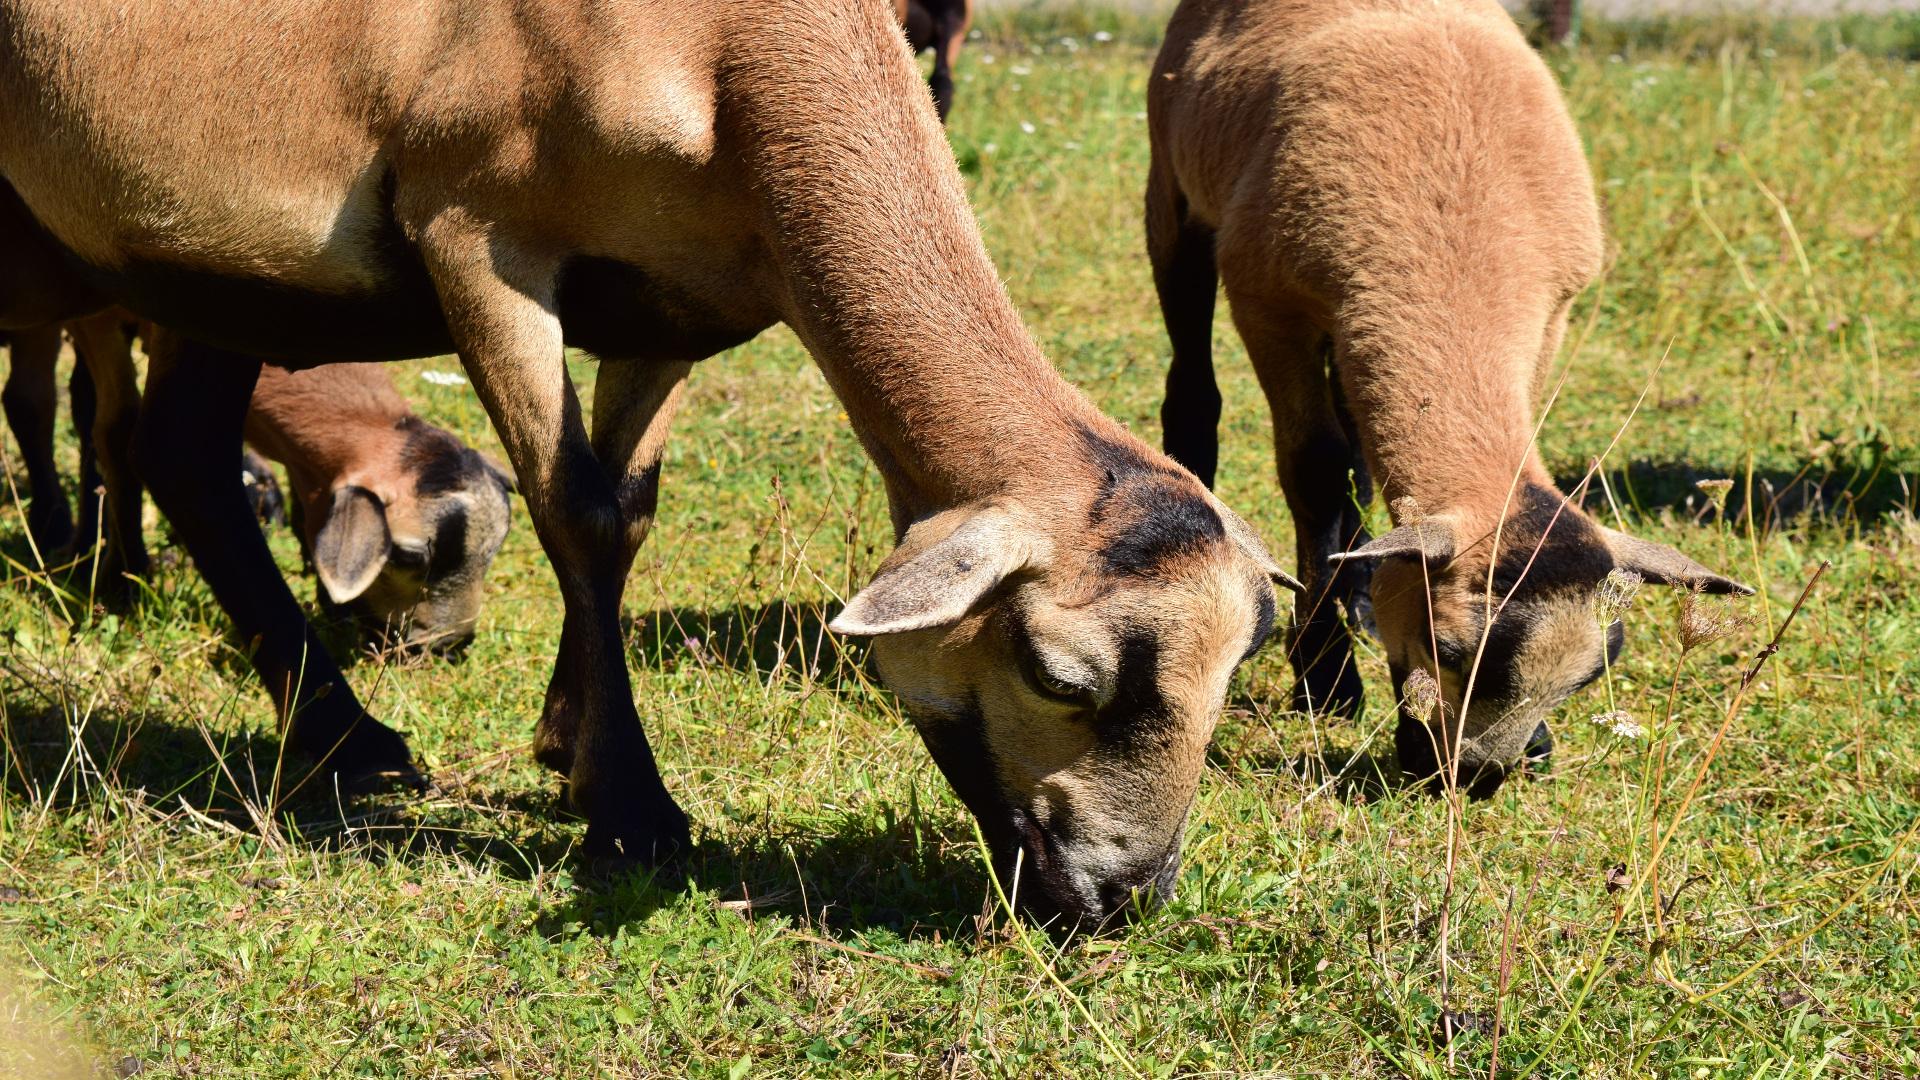 Las cabras bomberas que tiene el monte vecinal de Meira en Moaña1920